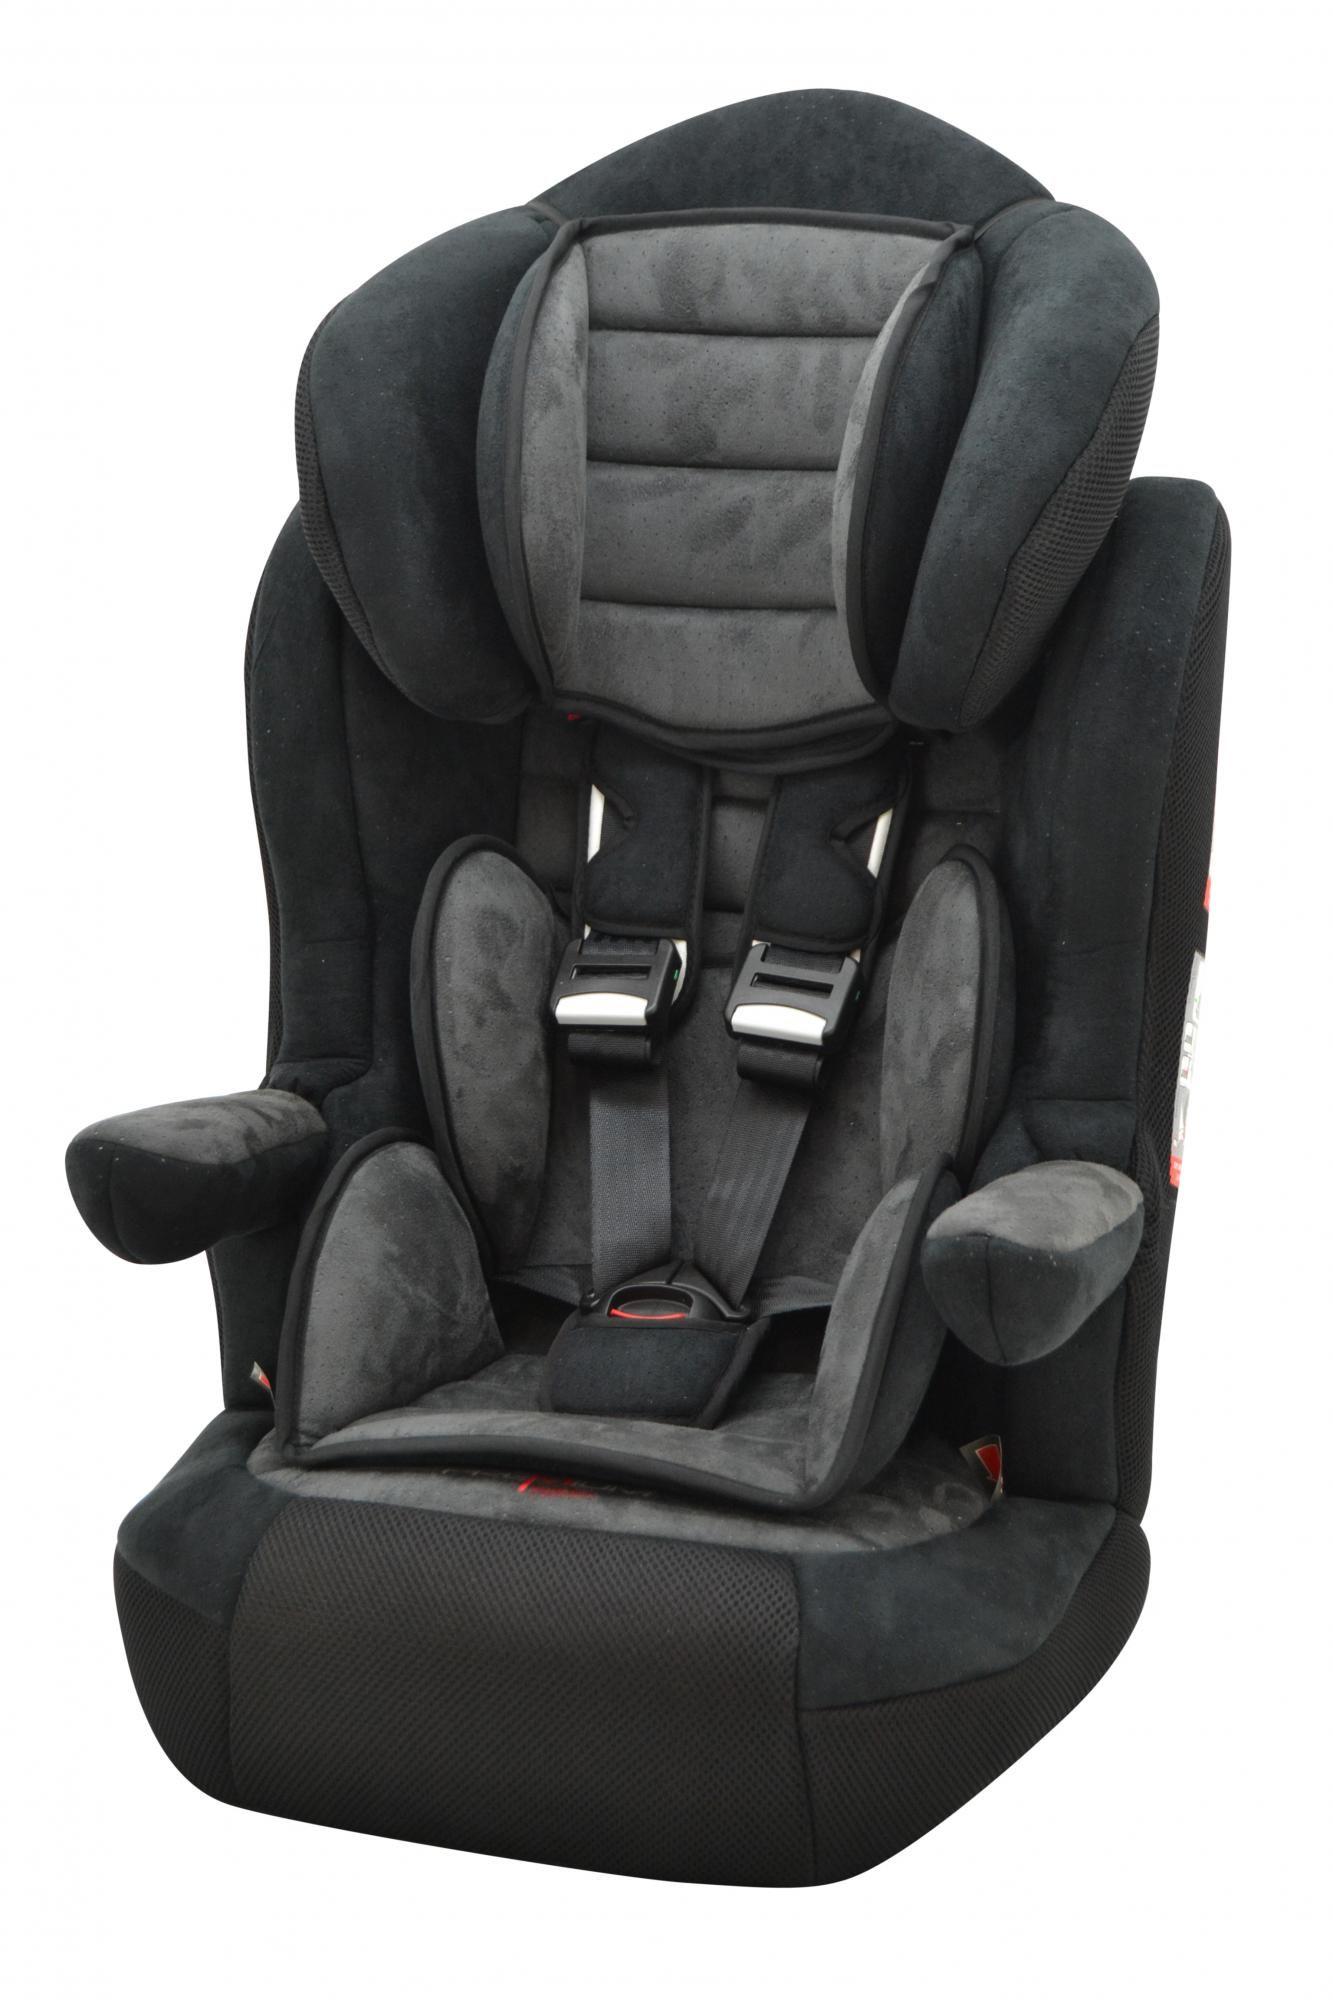 Nania Fotelik samochodowy I-max SP Isofix Premium 2014, Reglisse